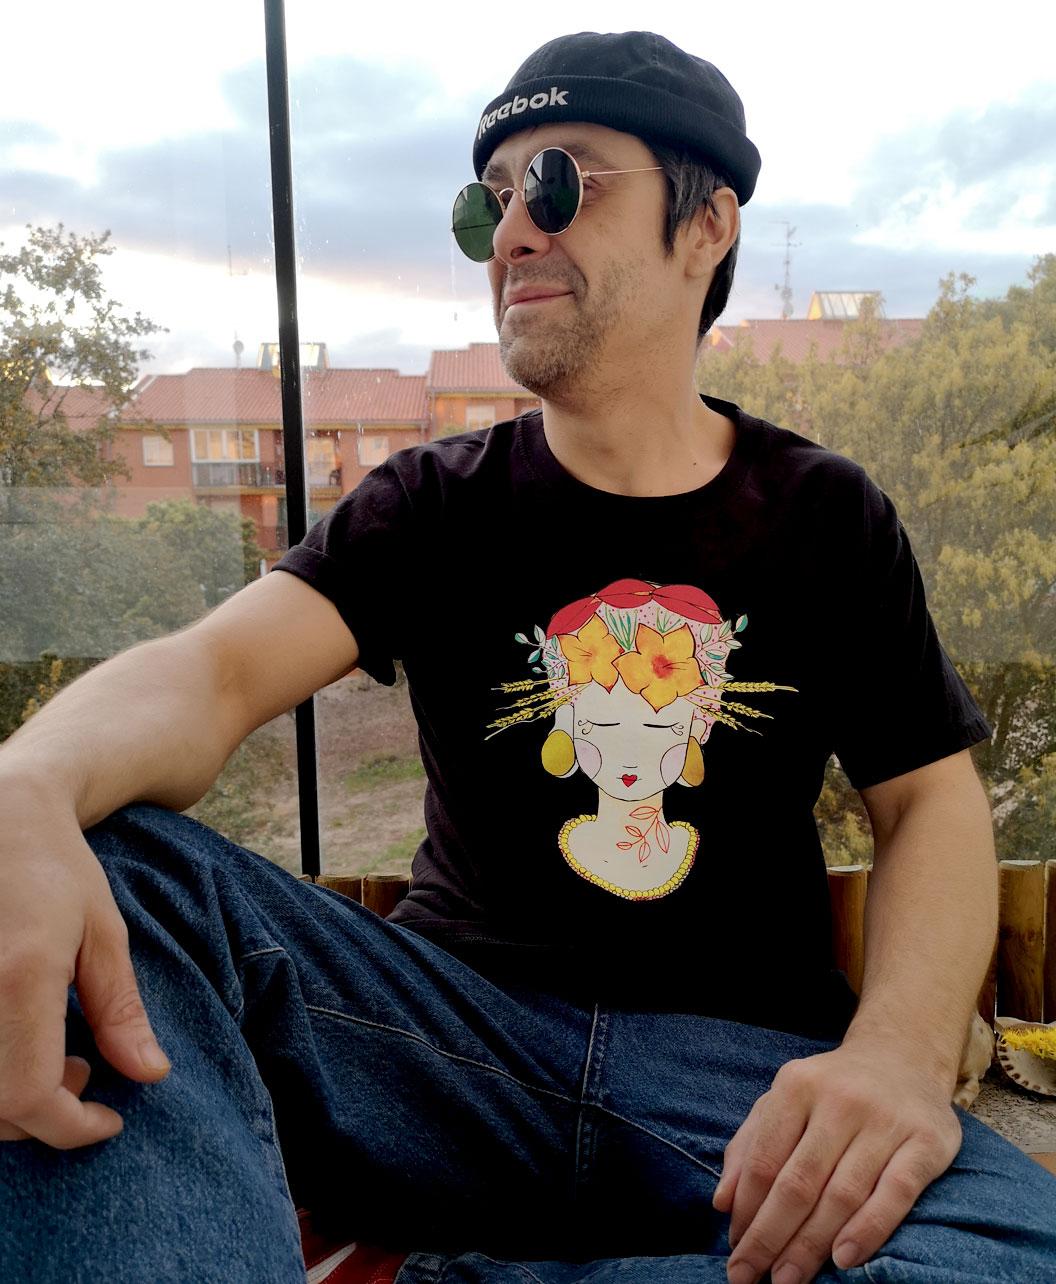 camiseta basica unisex negra manga corta originale divertida chica flores